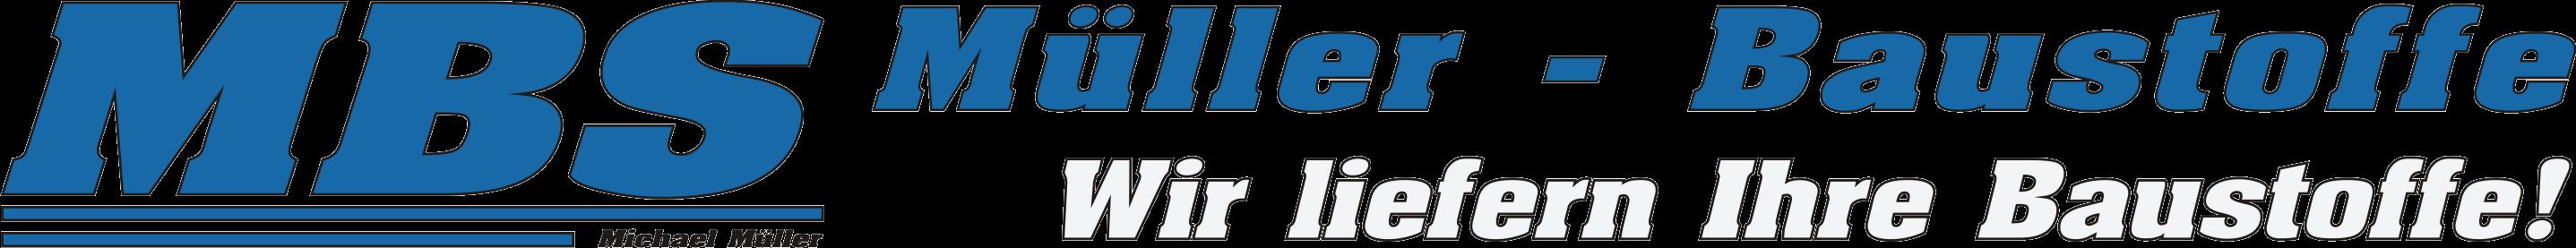 MBS Müller-Baustoffe, Ihr regionaler Baustoffhandel